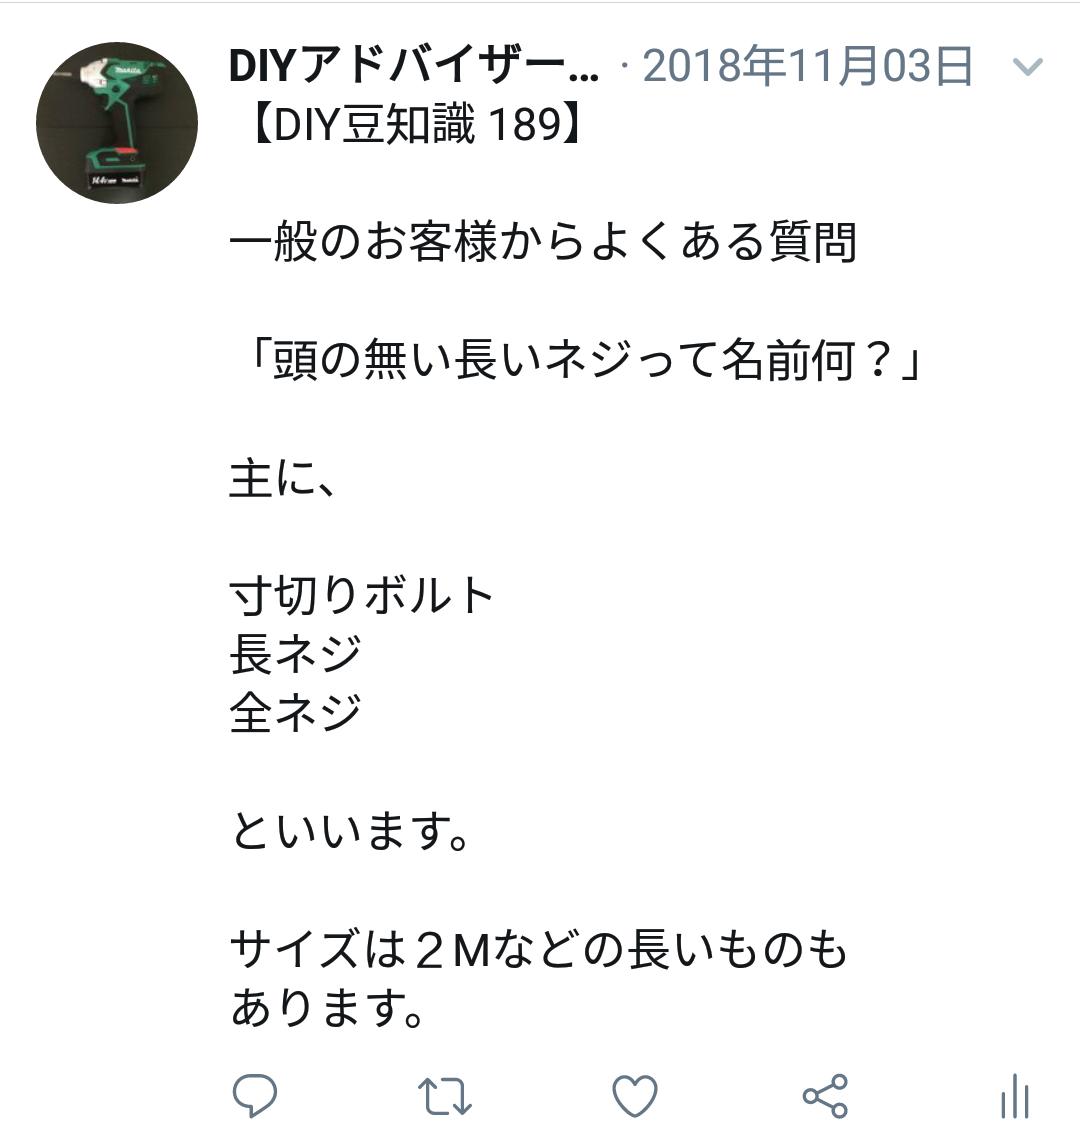 f:id:DIY33:20190407201531p:plain